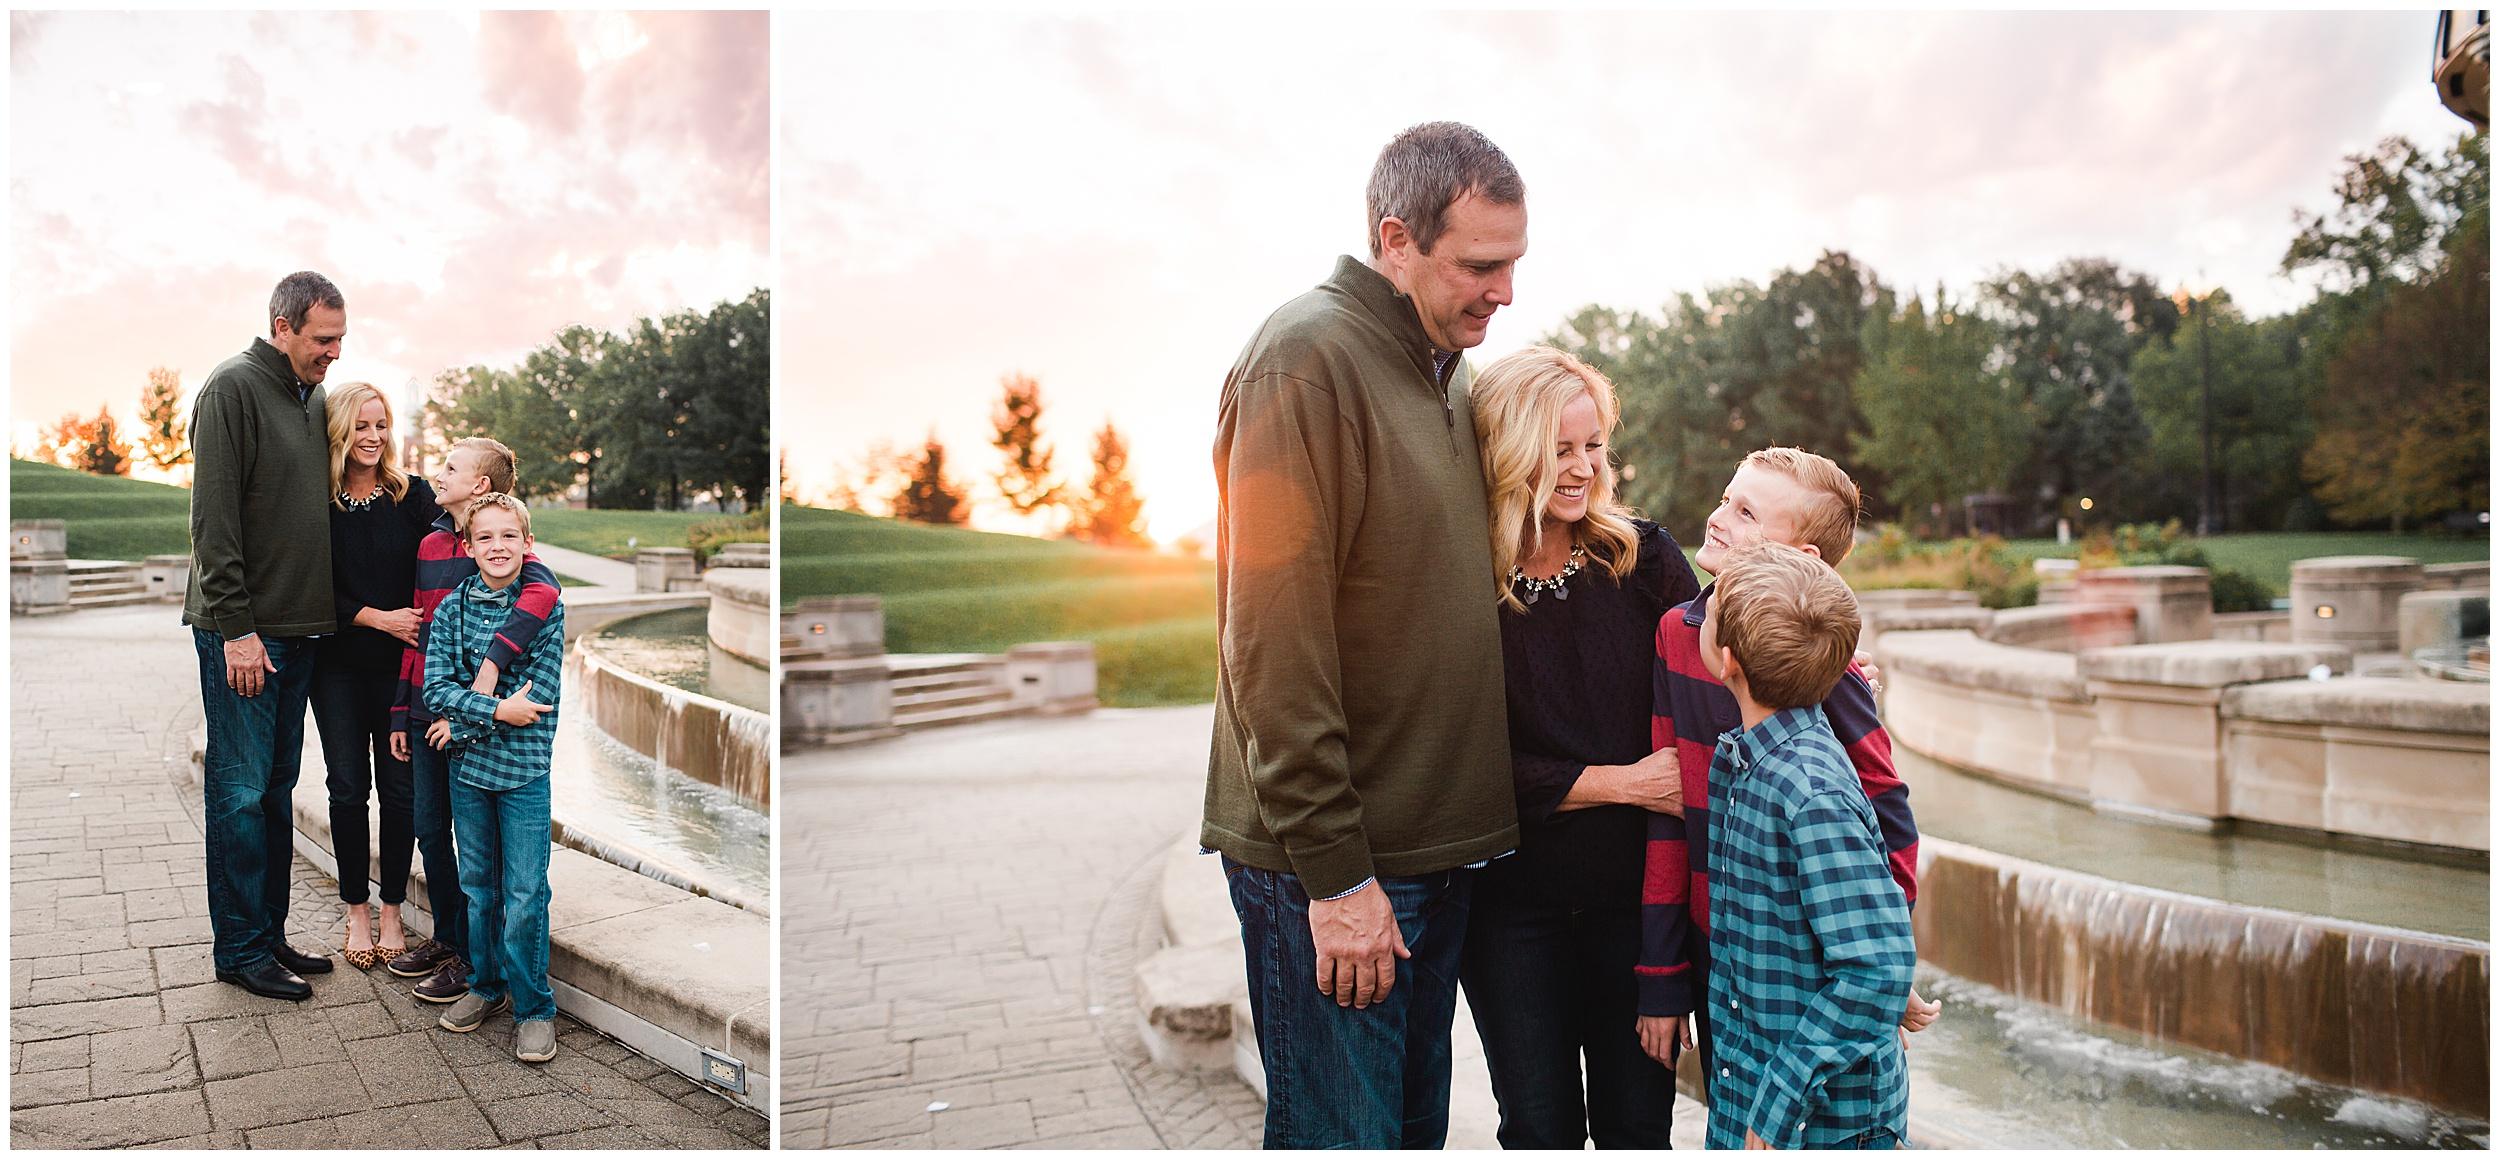 Indianapolis Family Photographer_Kelli White Photography_IG_0257.jpg